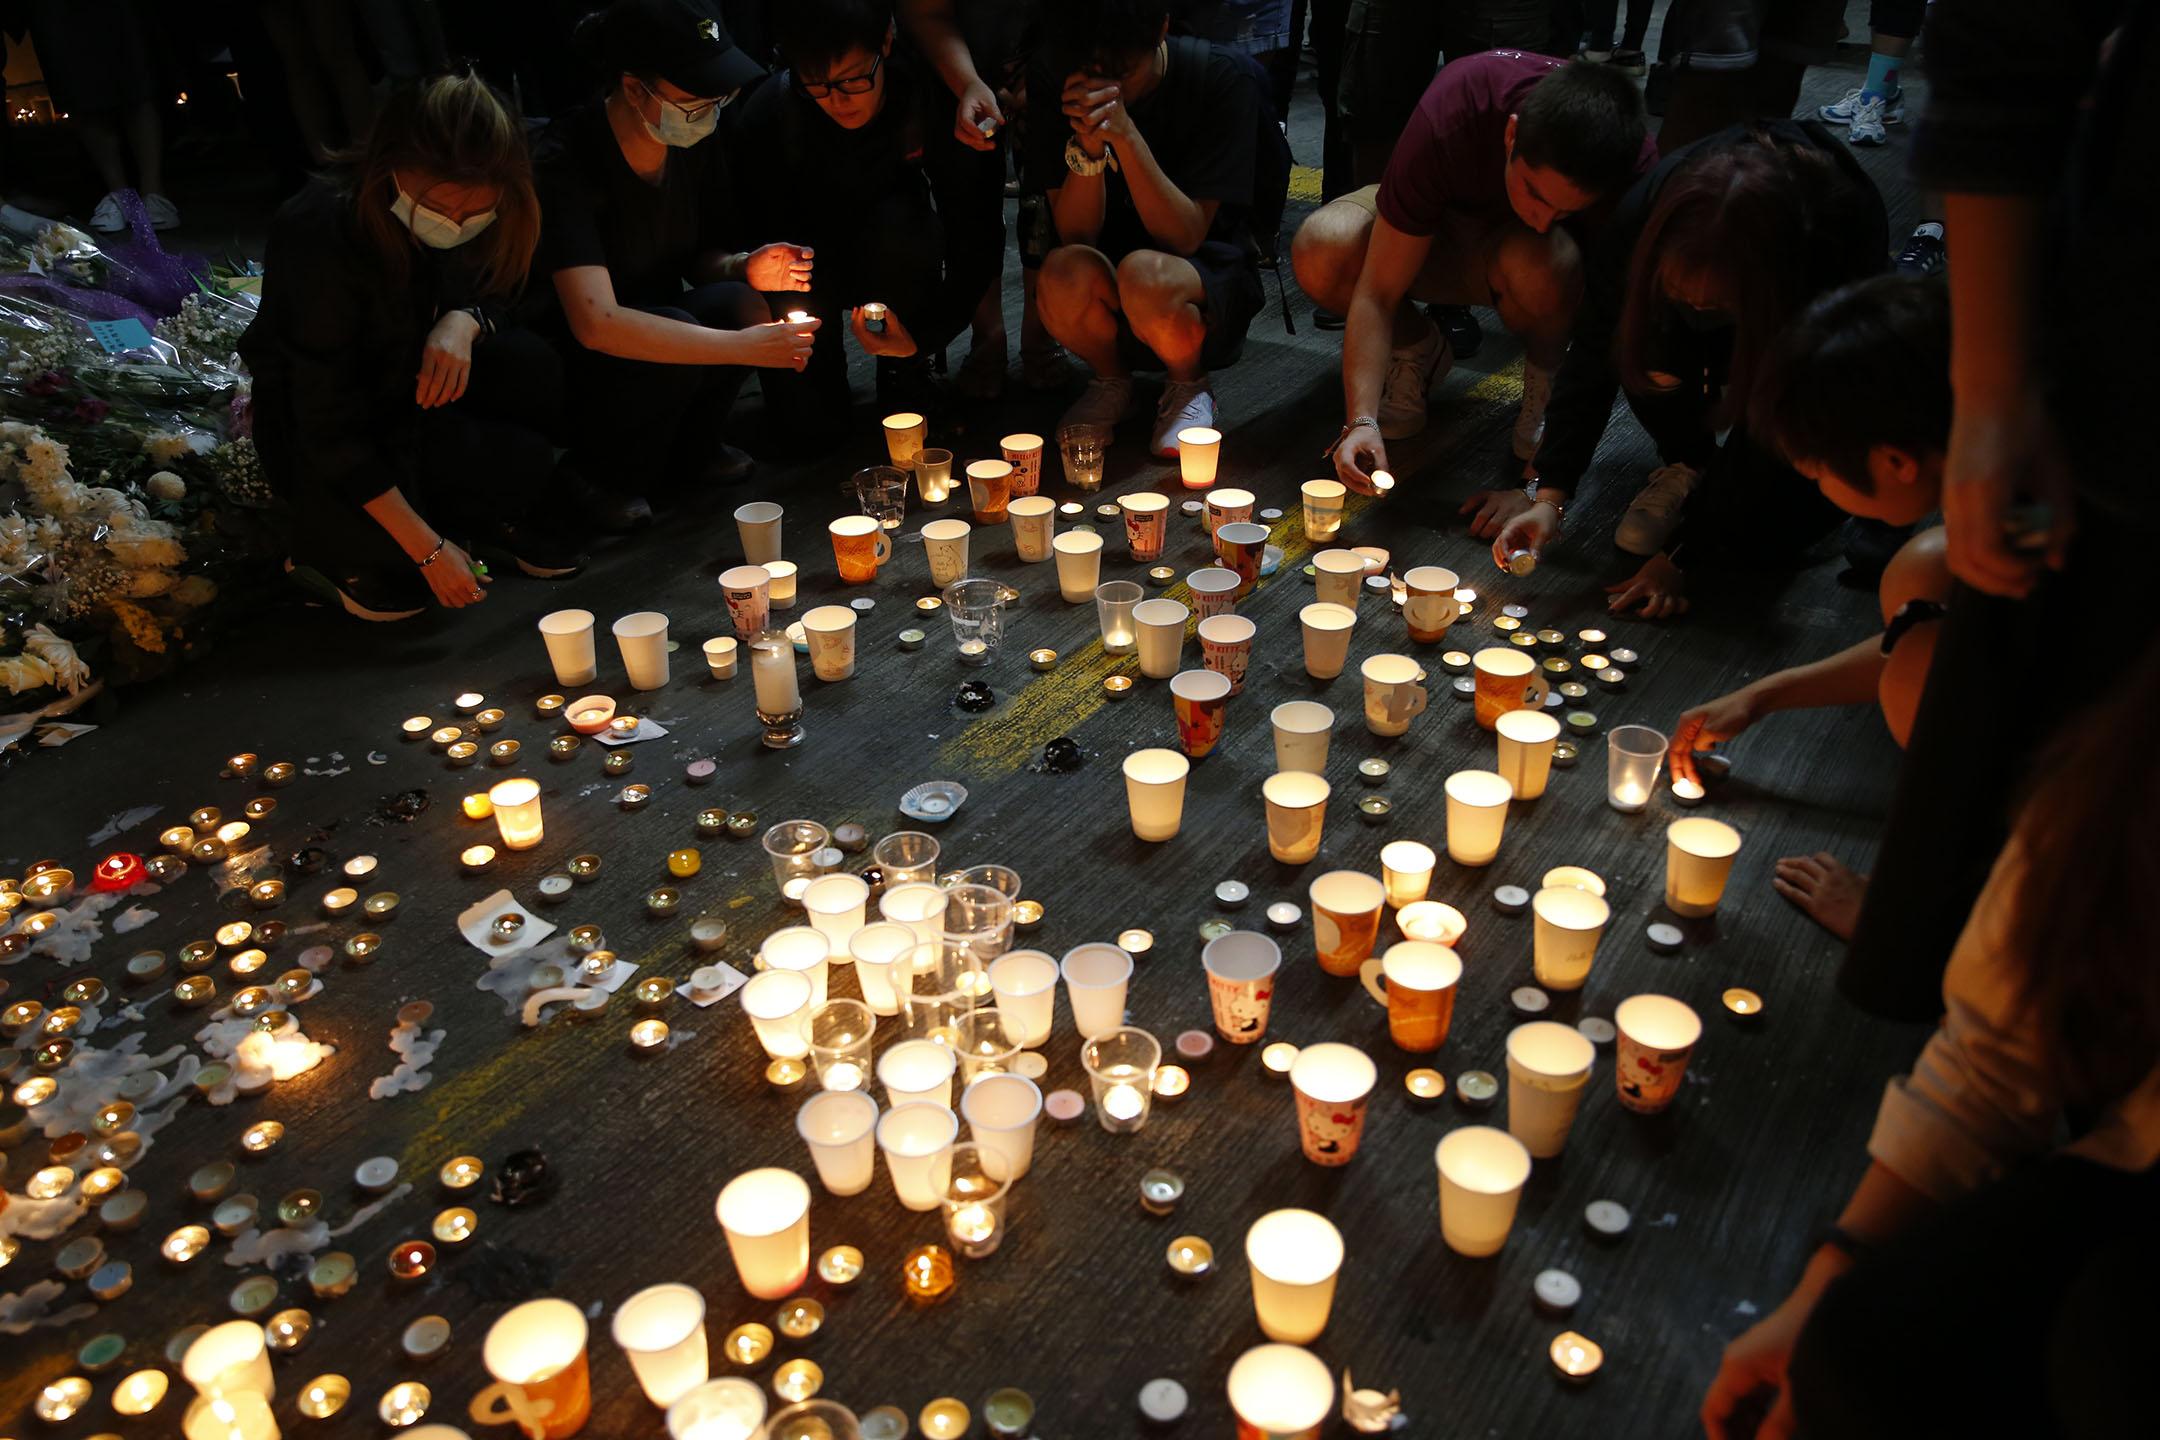 11月8日晚上,將軍澳尚德停車場,市民自發為早前在此墮下、今早離世的科大學生周梓樂舉行悼念會。 攝:林振東 / 端傳媒